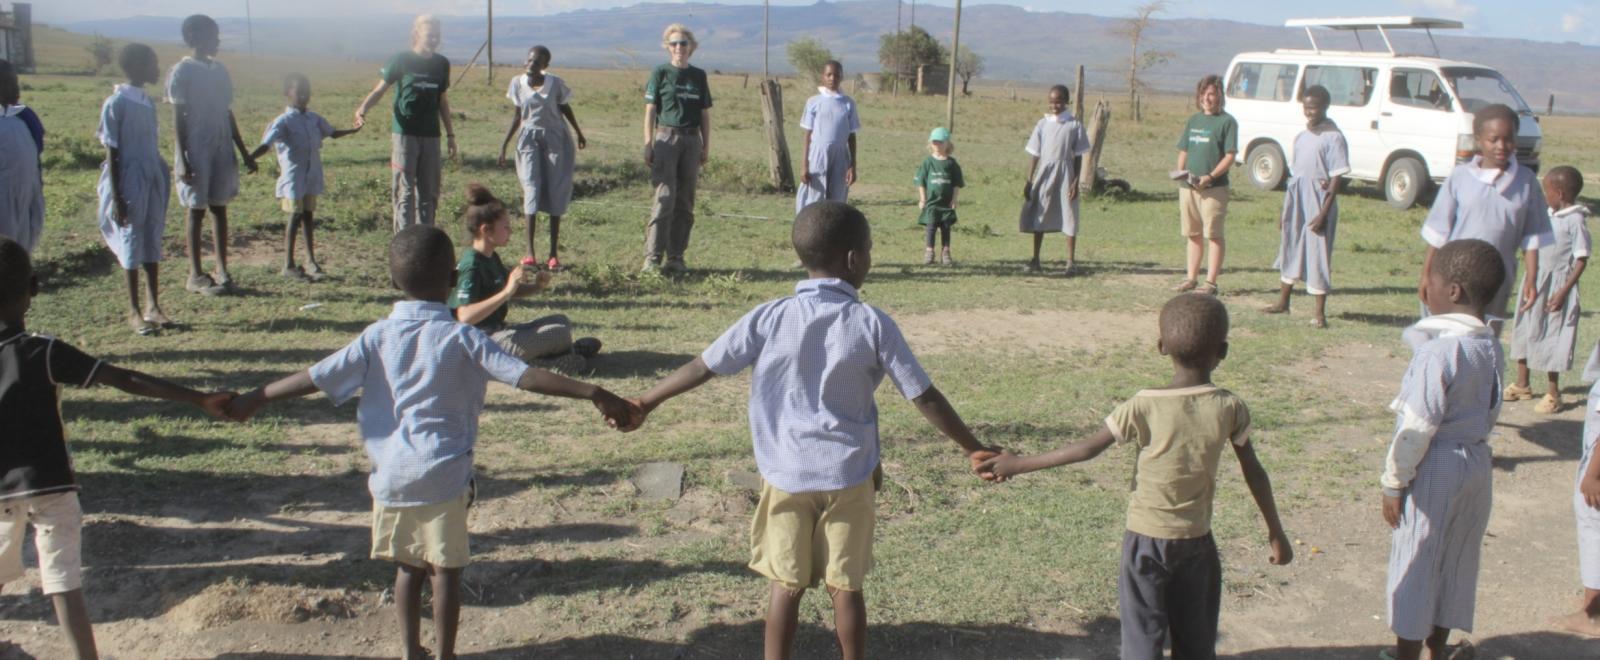 Une famille fait du volontariat à l'étranger et organise des activités éducatives pour les élèves d'une école au Kenya